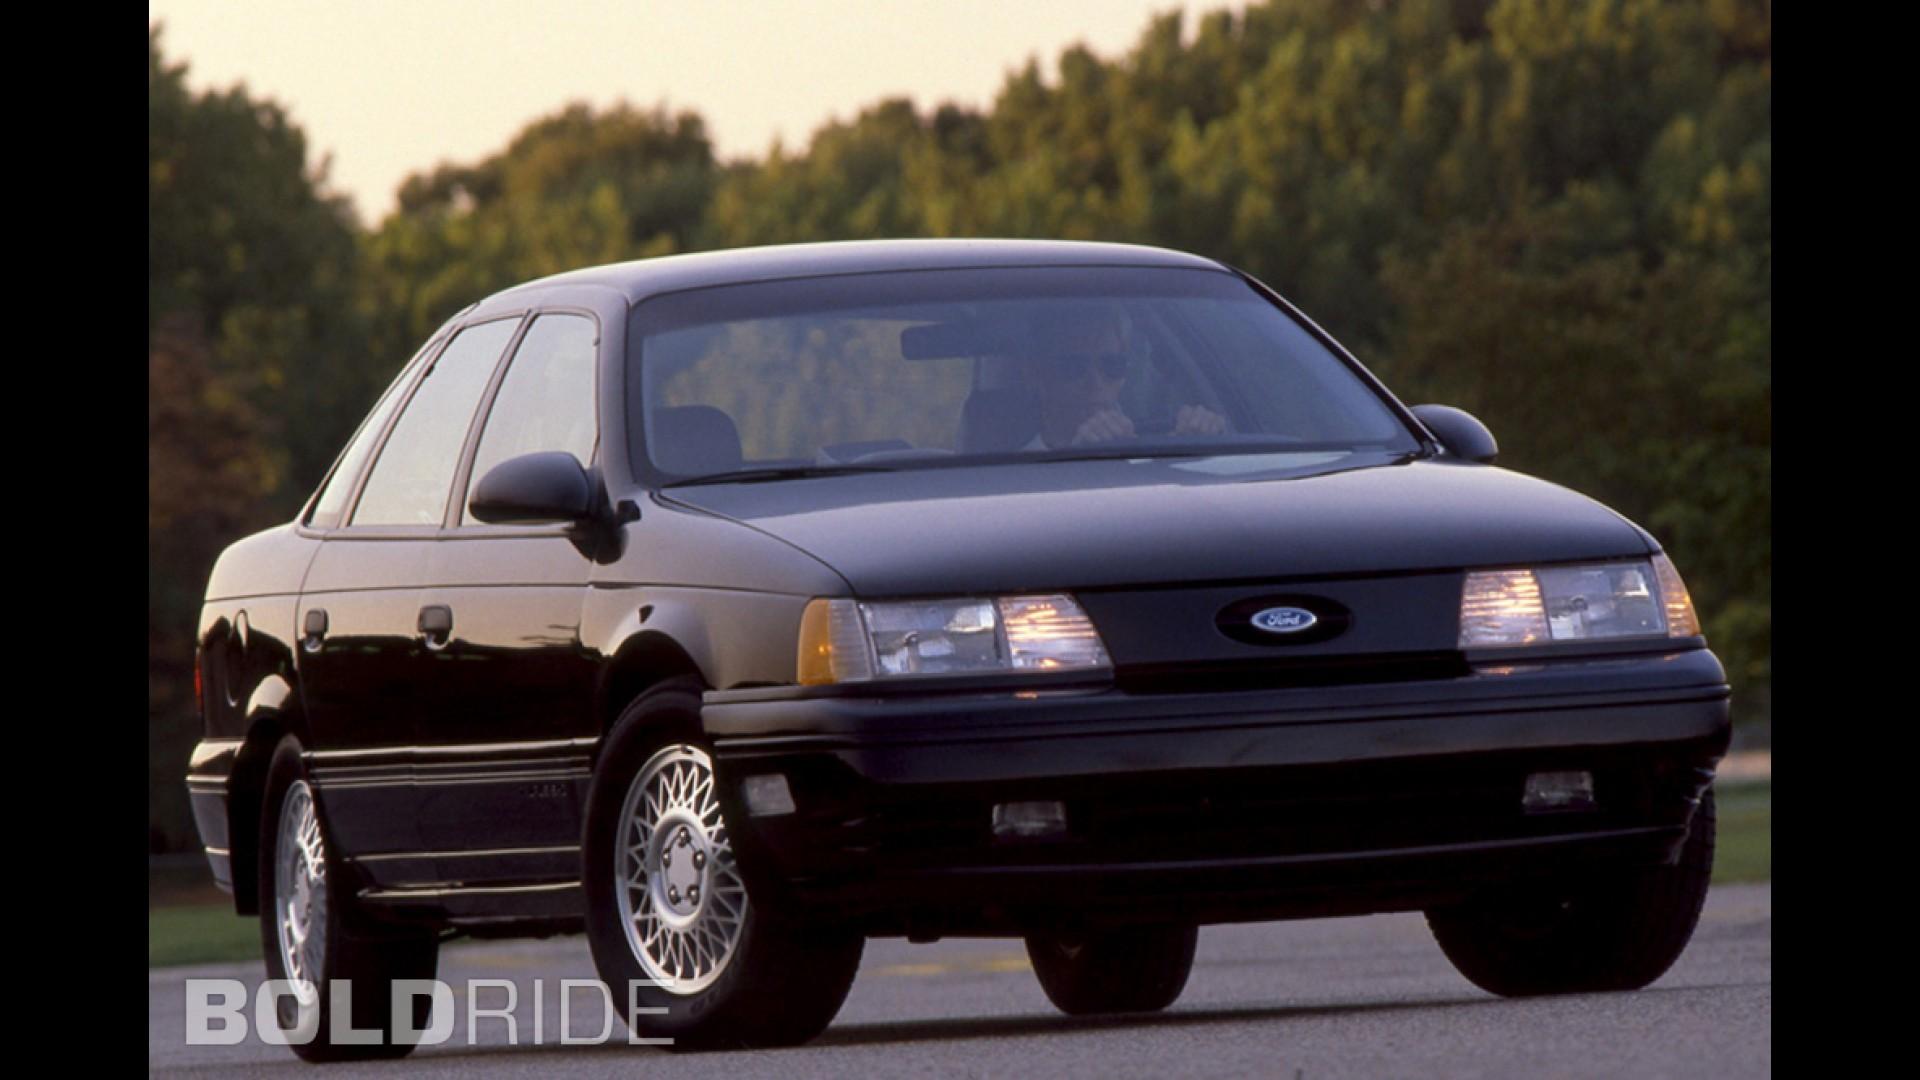 Ford Taurus SHO Sedan